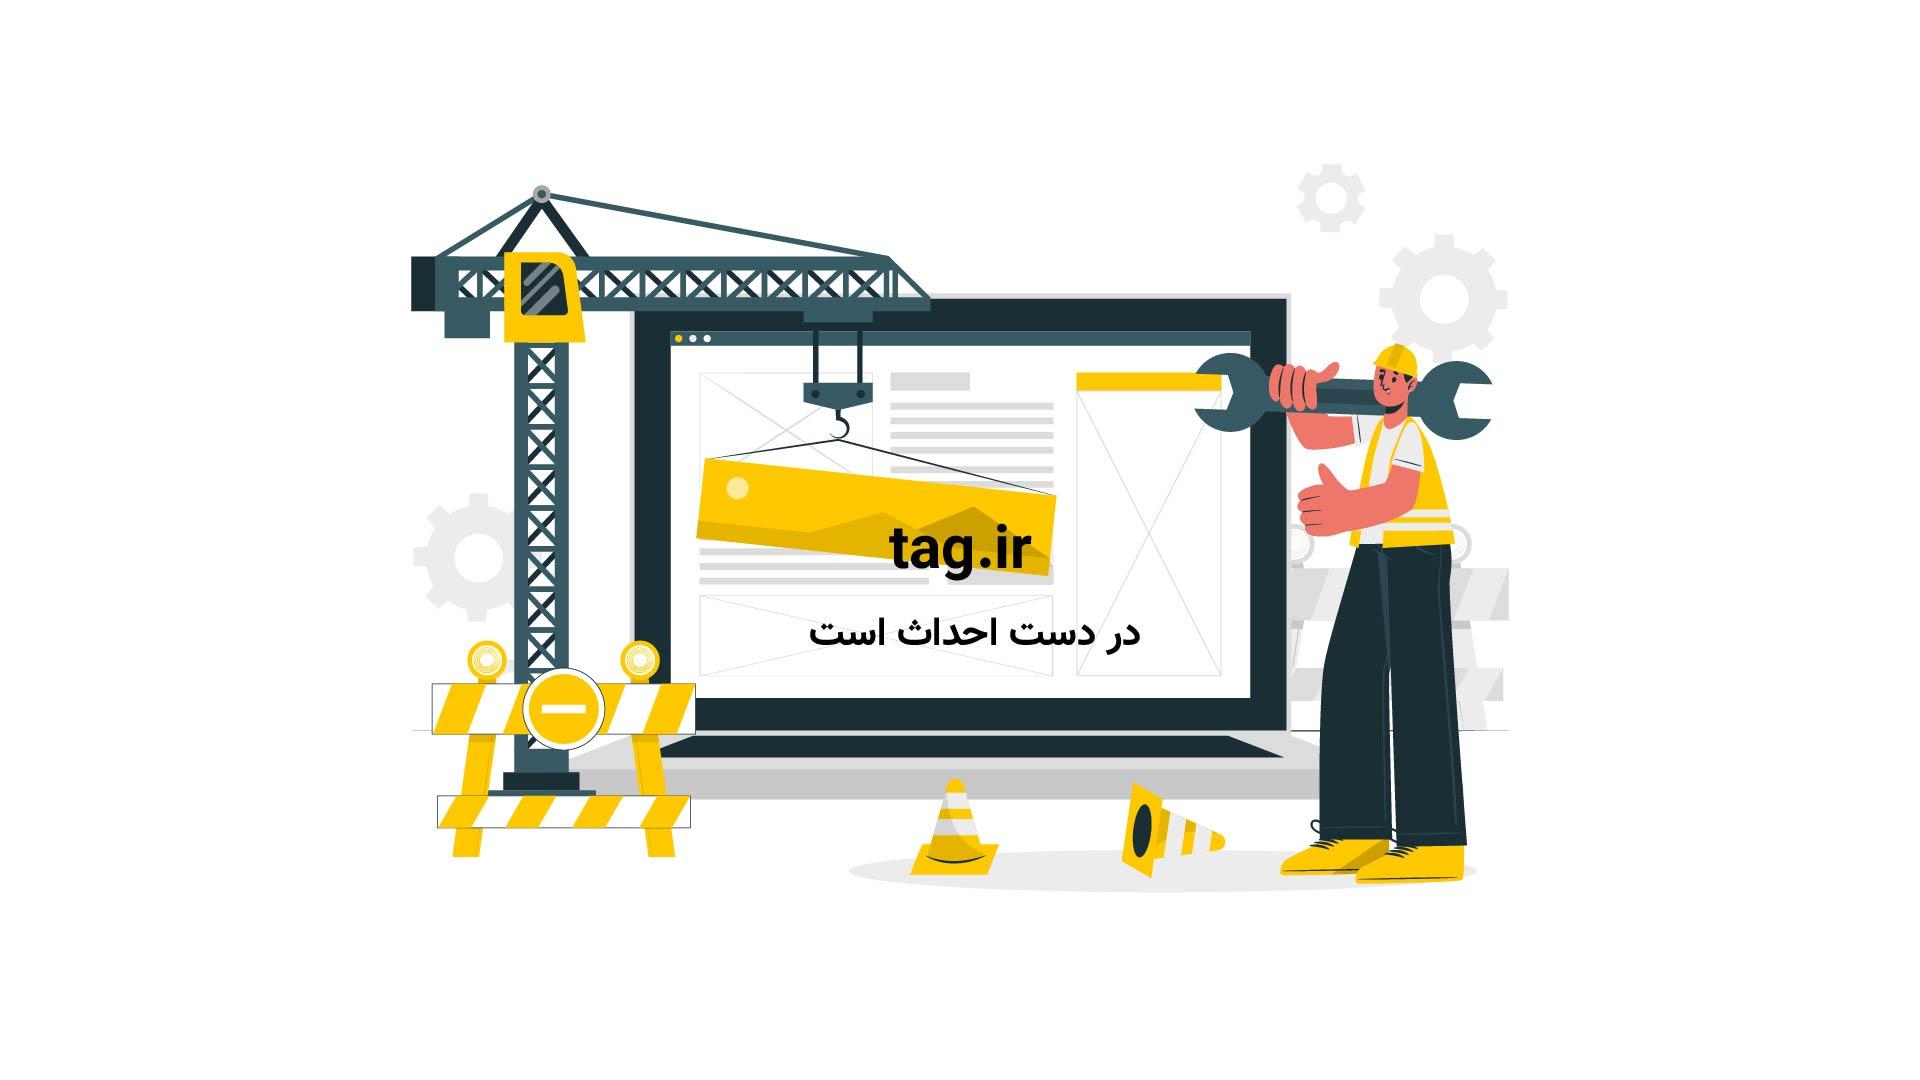 سخنرانیهای تد؛ آیا سادهترین تلفنهای موبایل، هوشمند هستند | فیلم